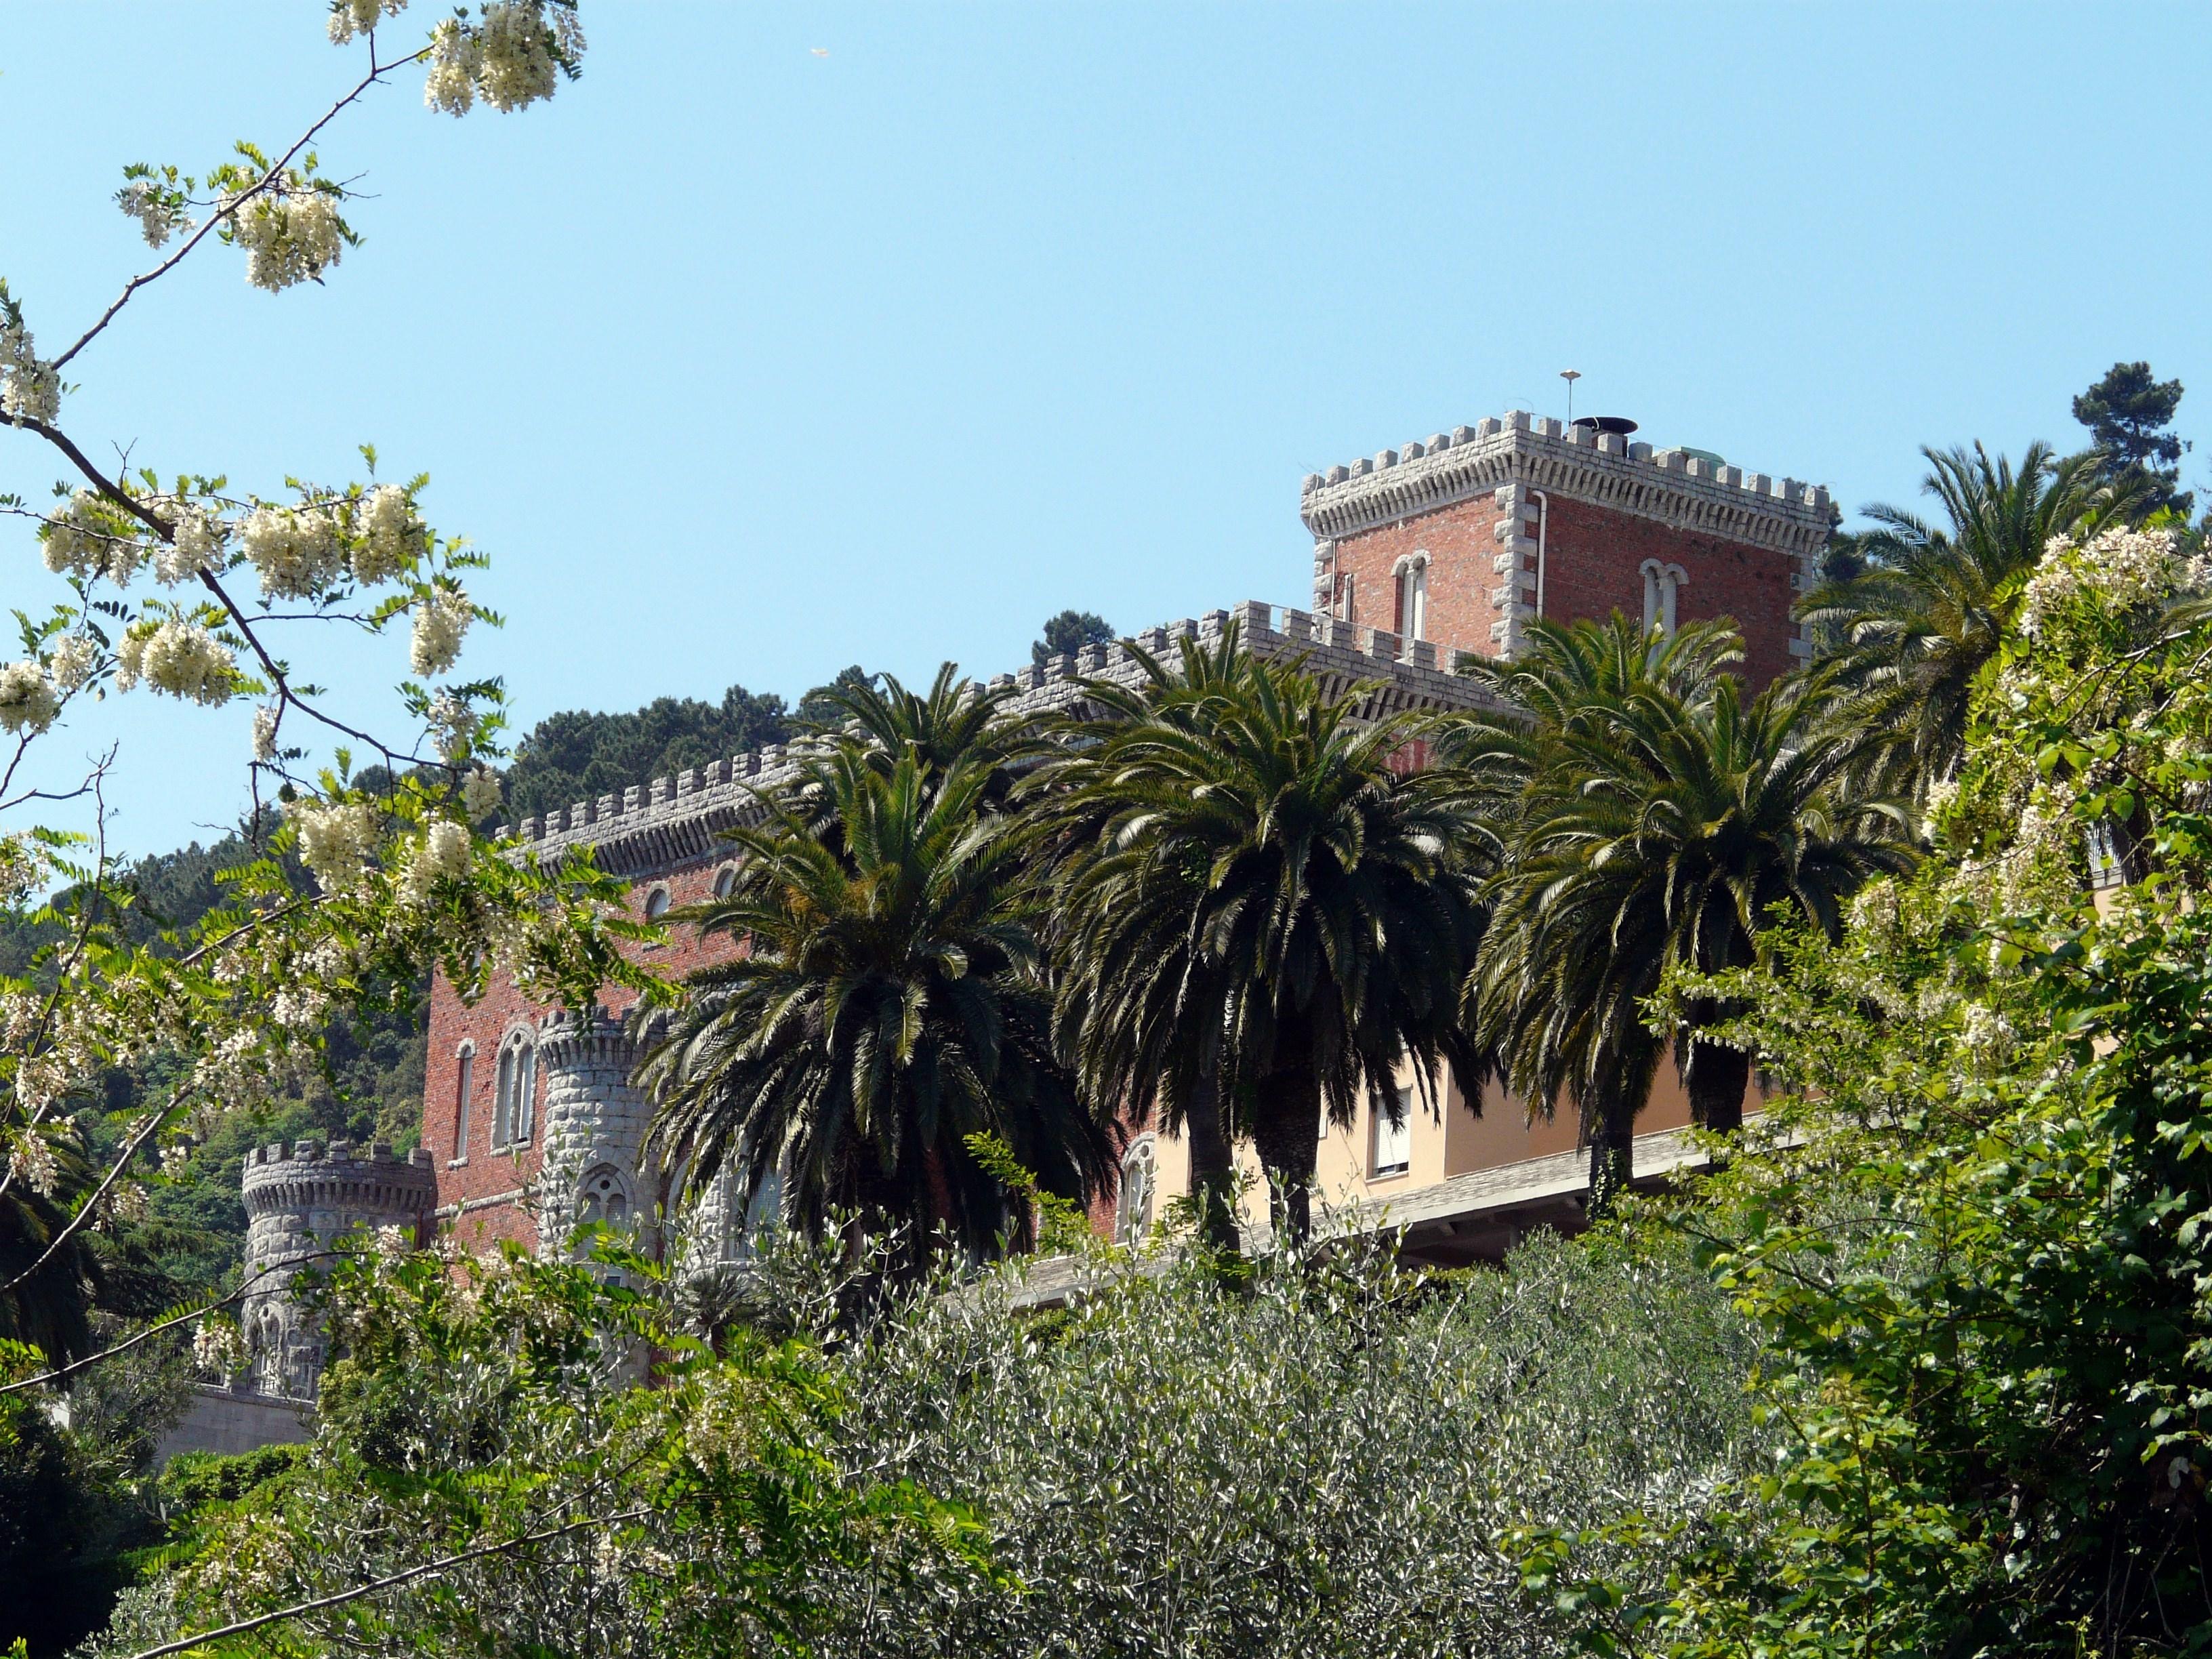 Monastero di Santa Croce del Corvo